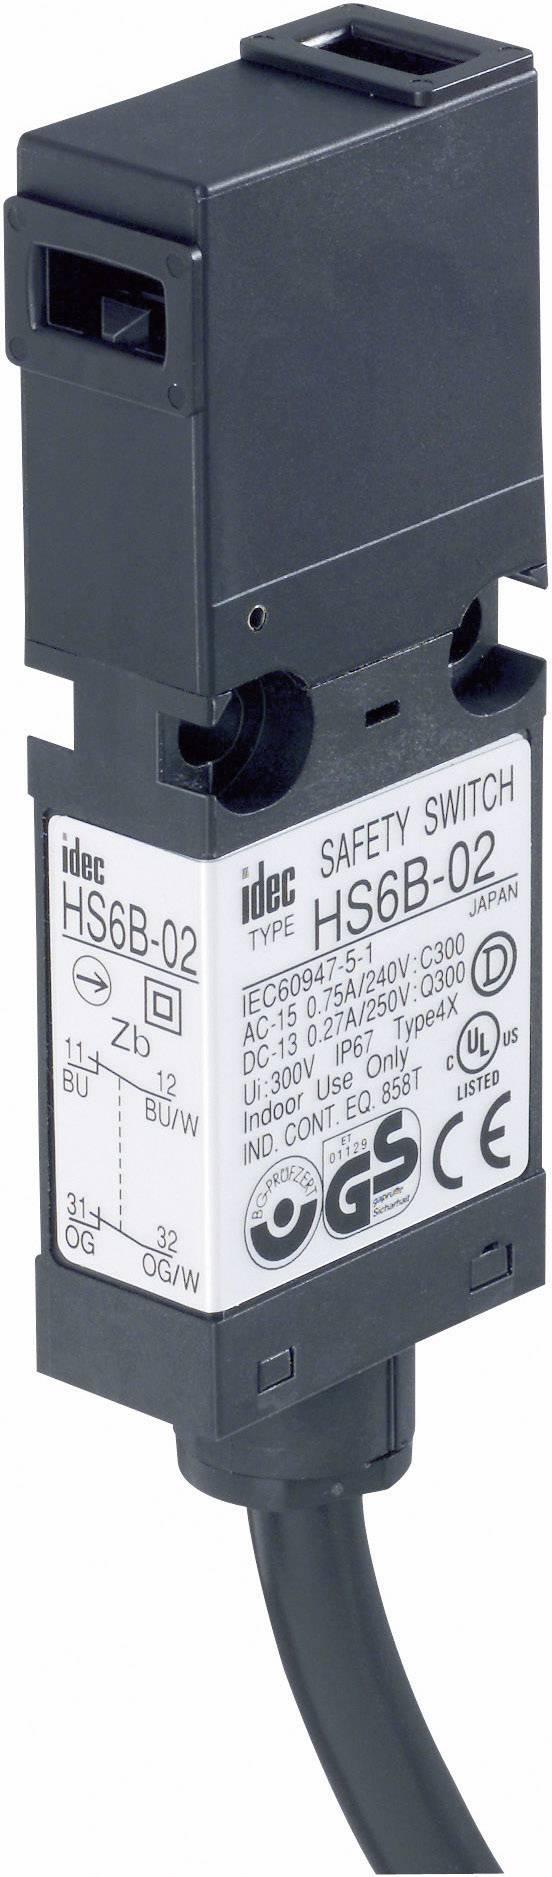 Bezpečnostní spínač Idec HS6B-11B01, 250 V/AC, 3 A